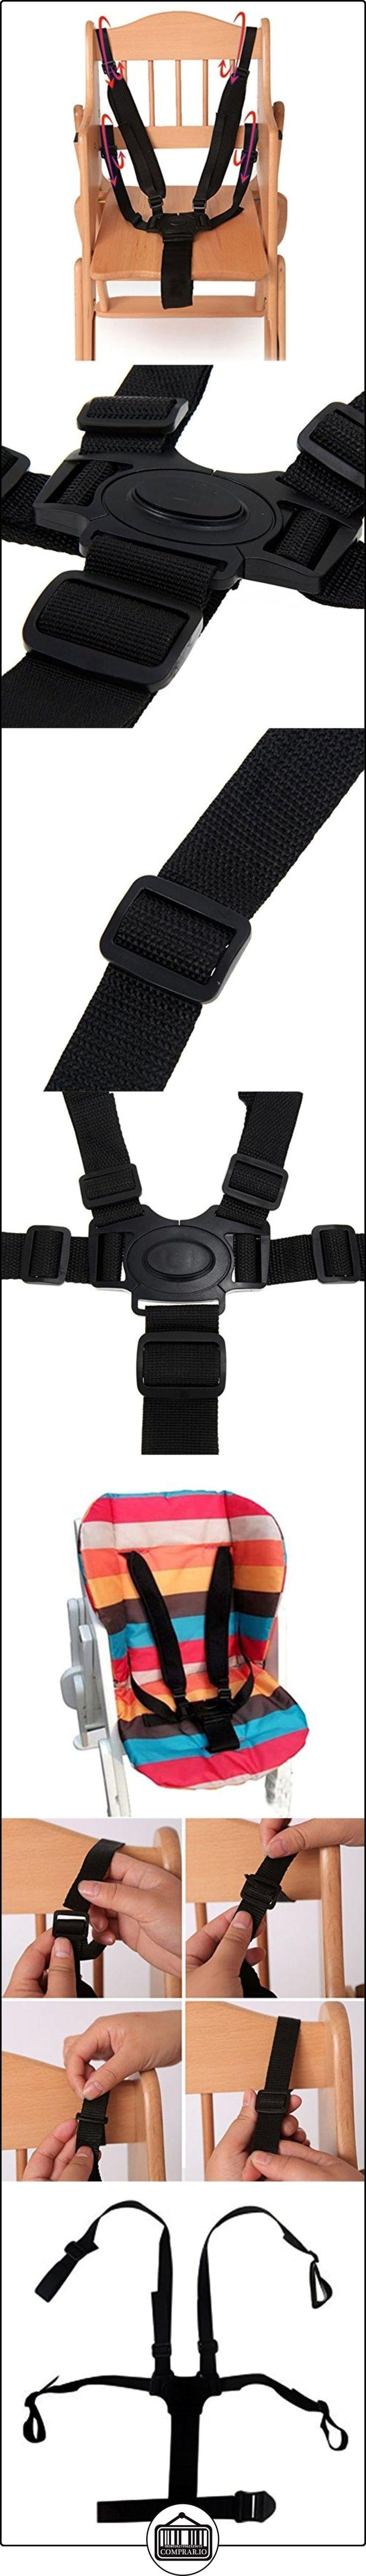 Bebé Cinco Puntos Arnés Cinturón De Seguridad Niños Correas Para Cochecito Silla Cinta Protectora Infantil  ✿ Seguridad para tu bebé - (Protege a tus hijos) ✿ ▬► Ver oferta: http://comprar.io/goto/B01IP5LAPK